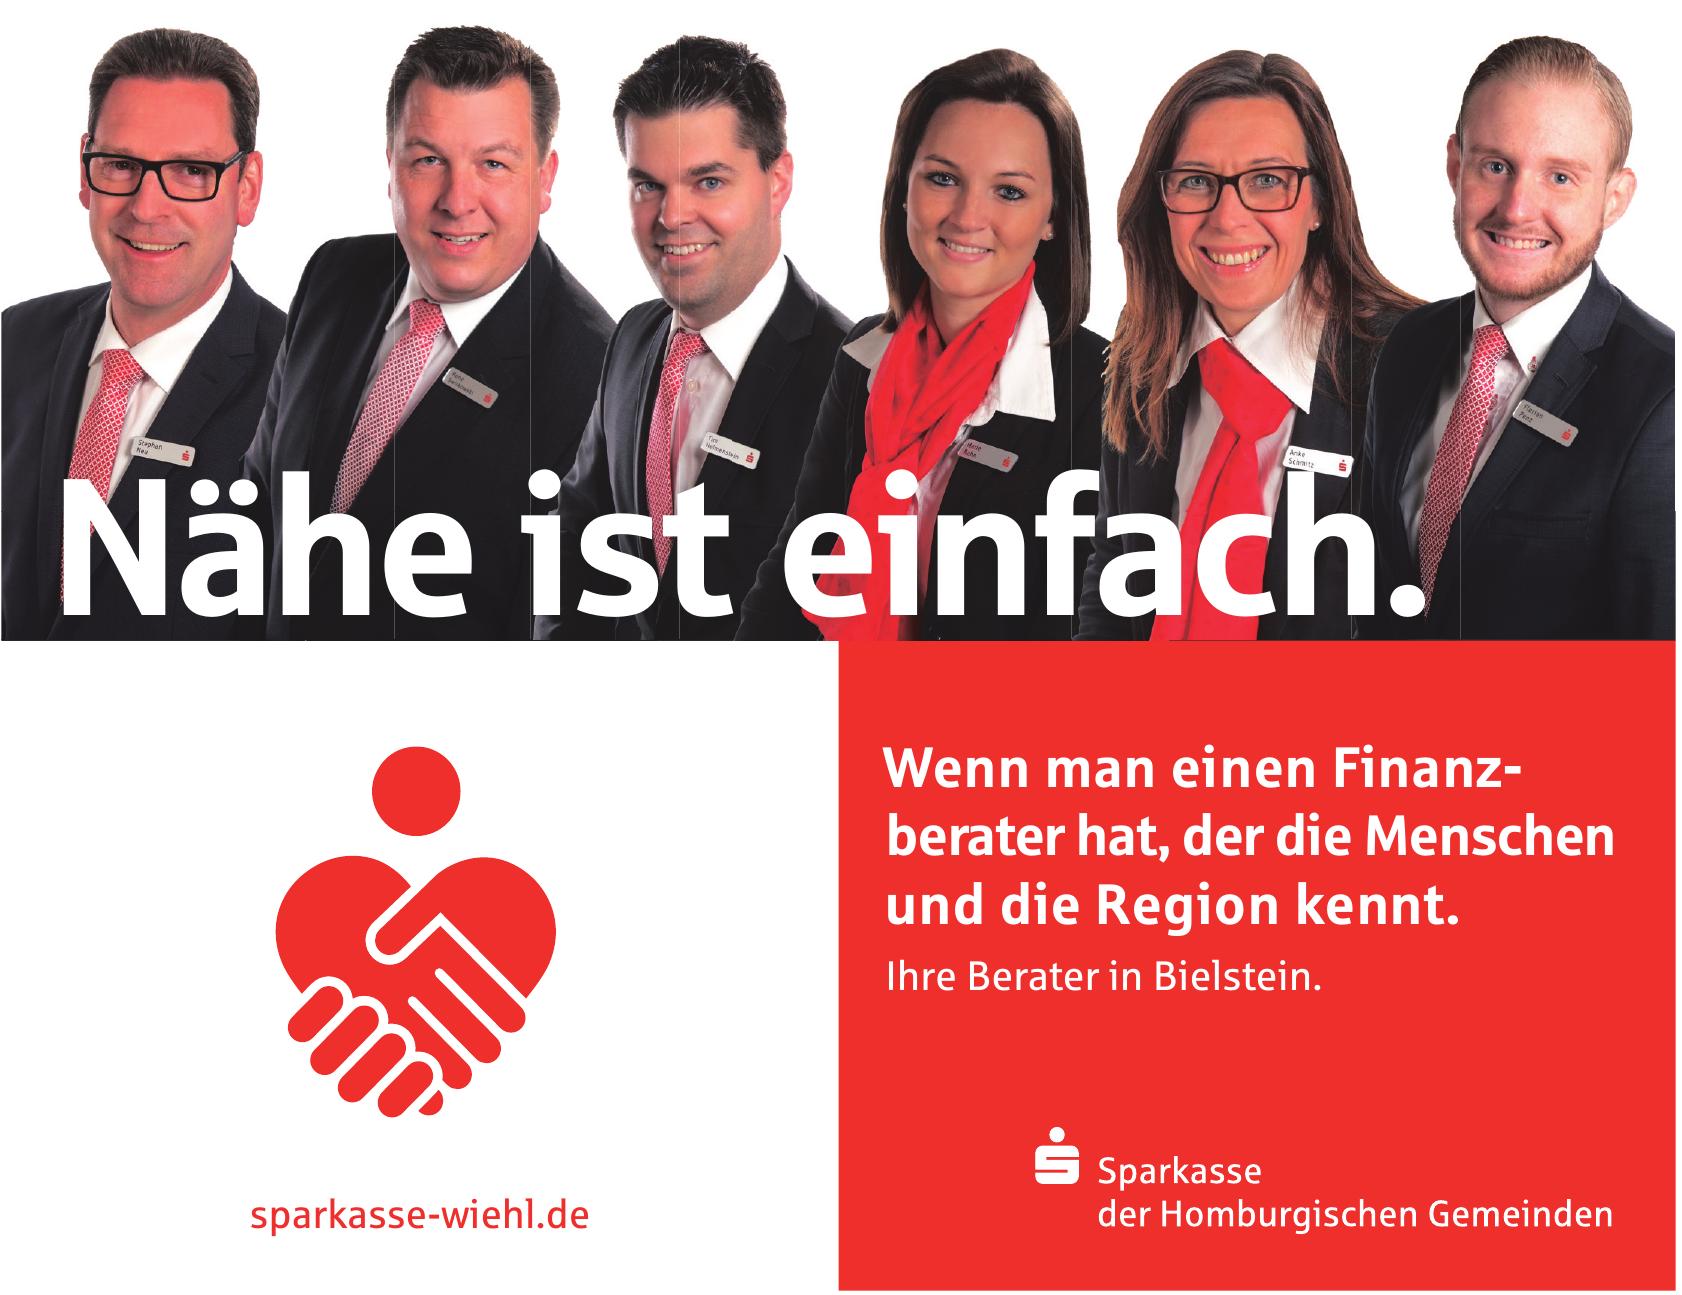 Sparkasse der Homburgischen Gemeinden